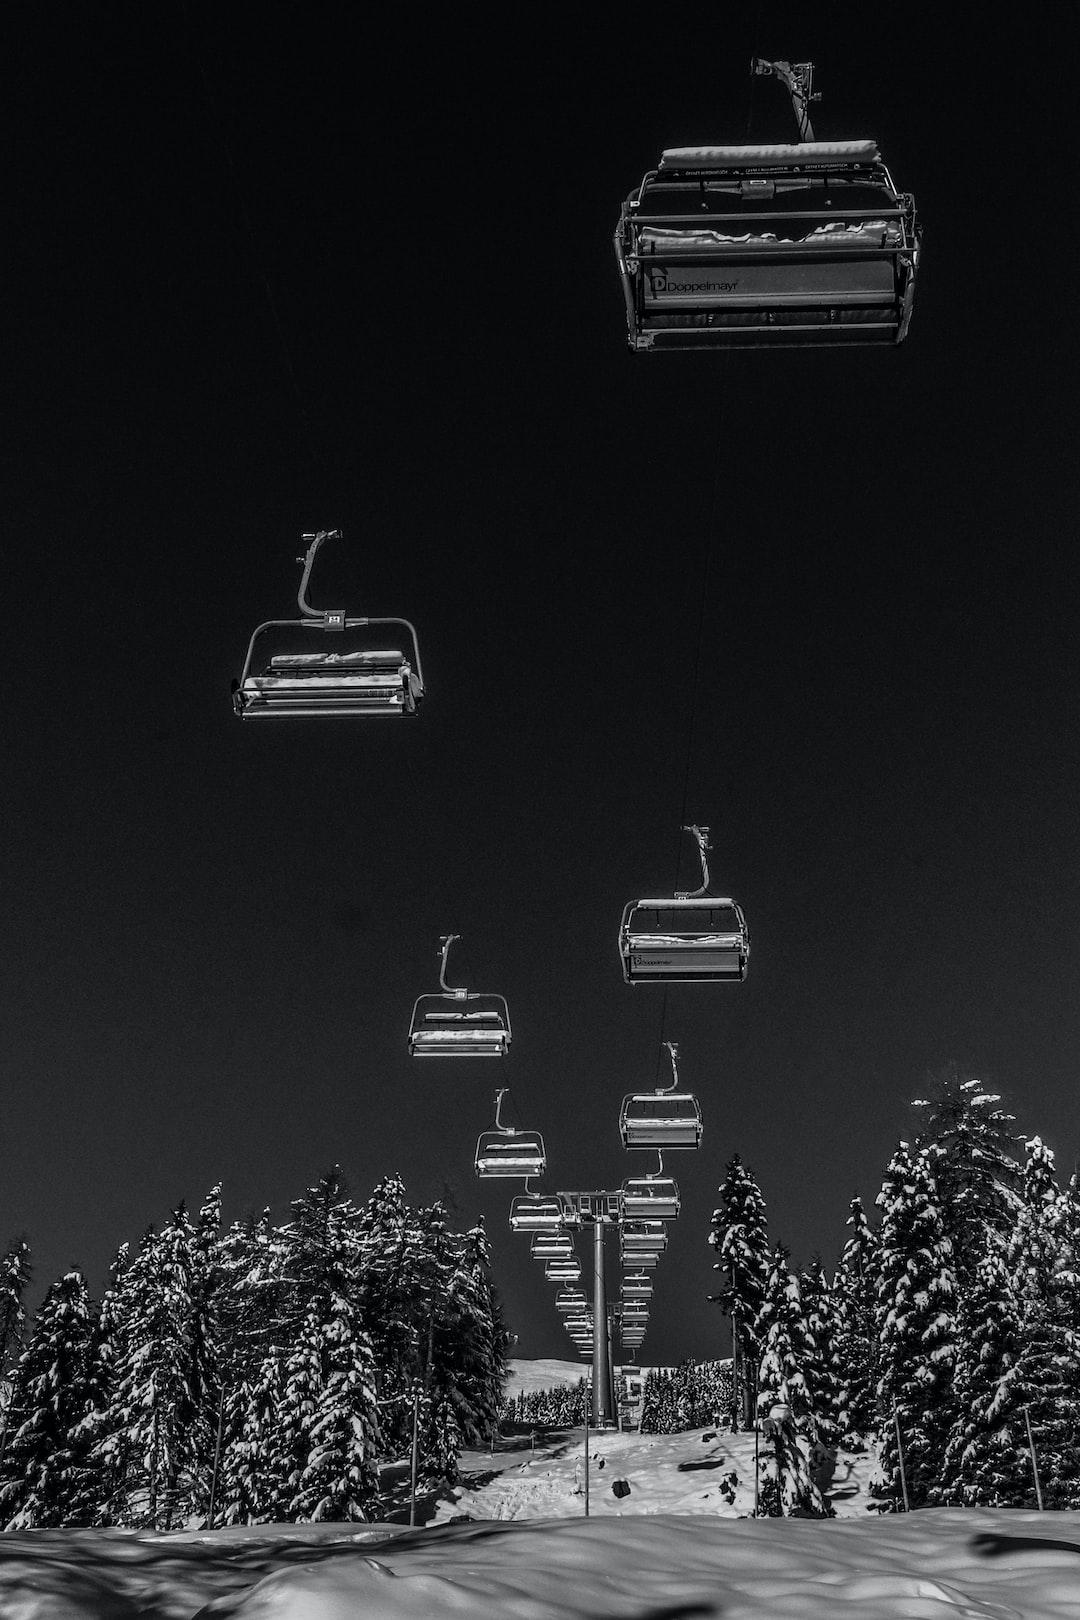 Black and white ski lift